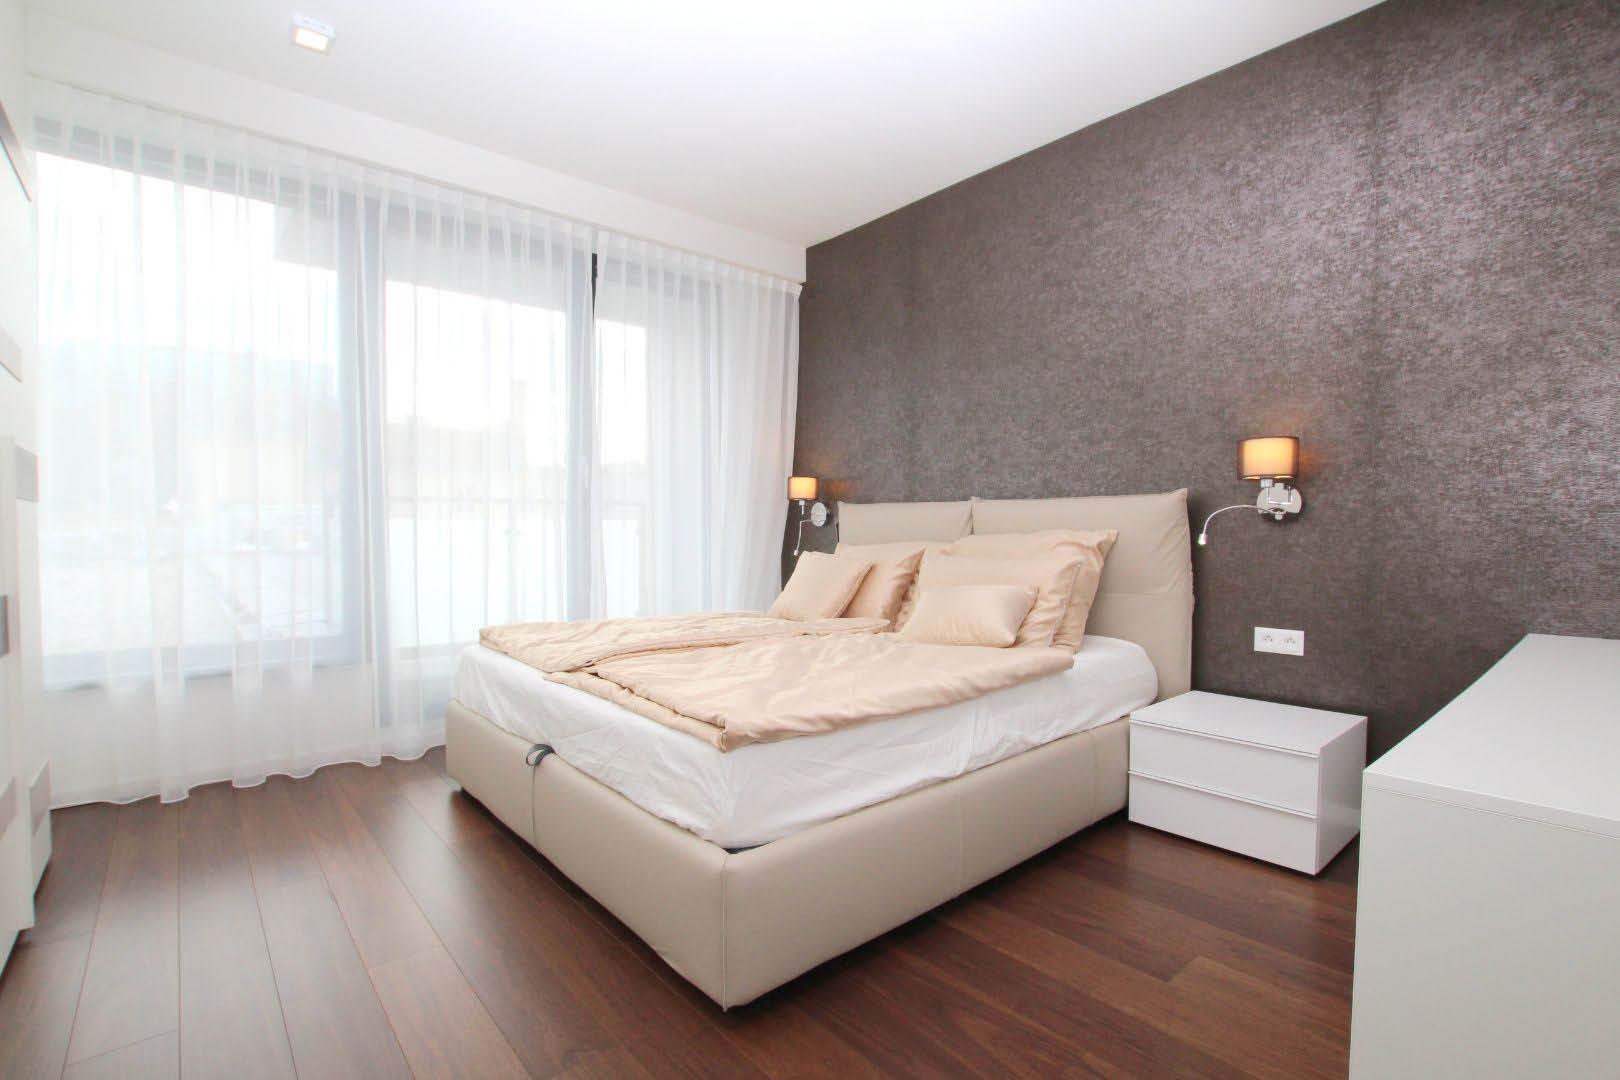 PREDANÉ | 3 izbový byt | Jozefská, Bratislava